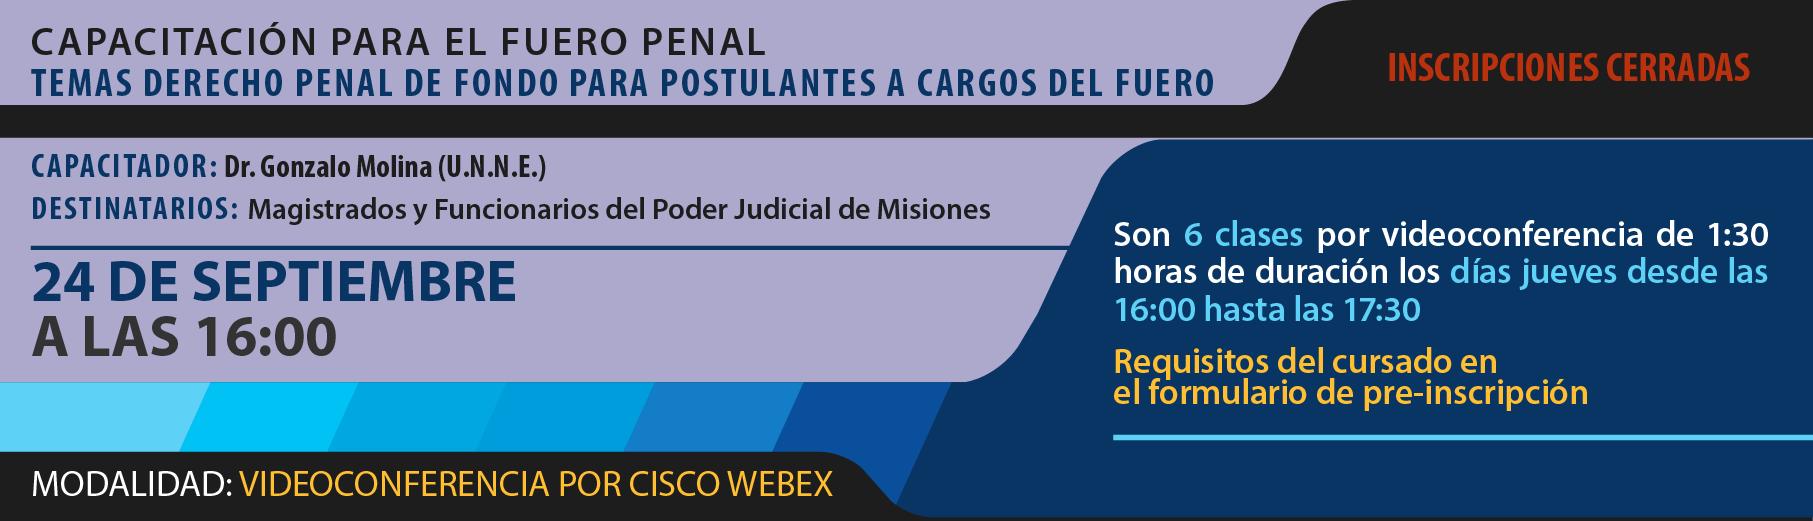 Capacitación para el Fuero Penal - Temas Derecho Penal de Fondo para Postulantes a Cargos del Fuero